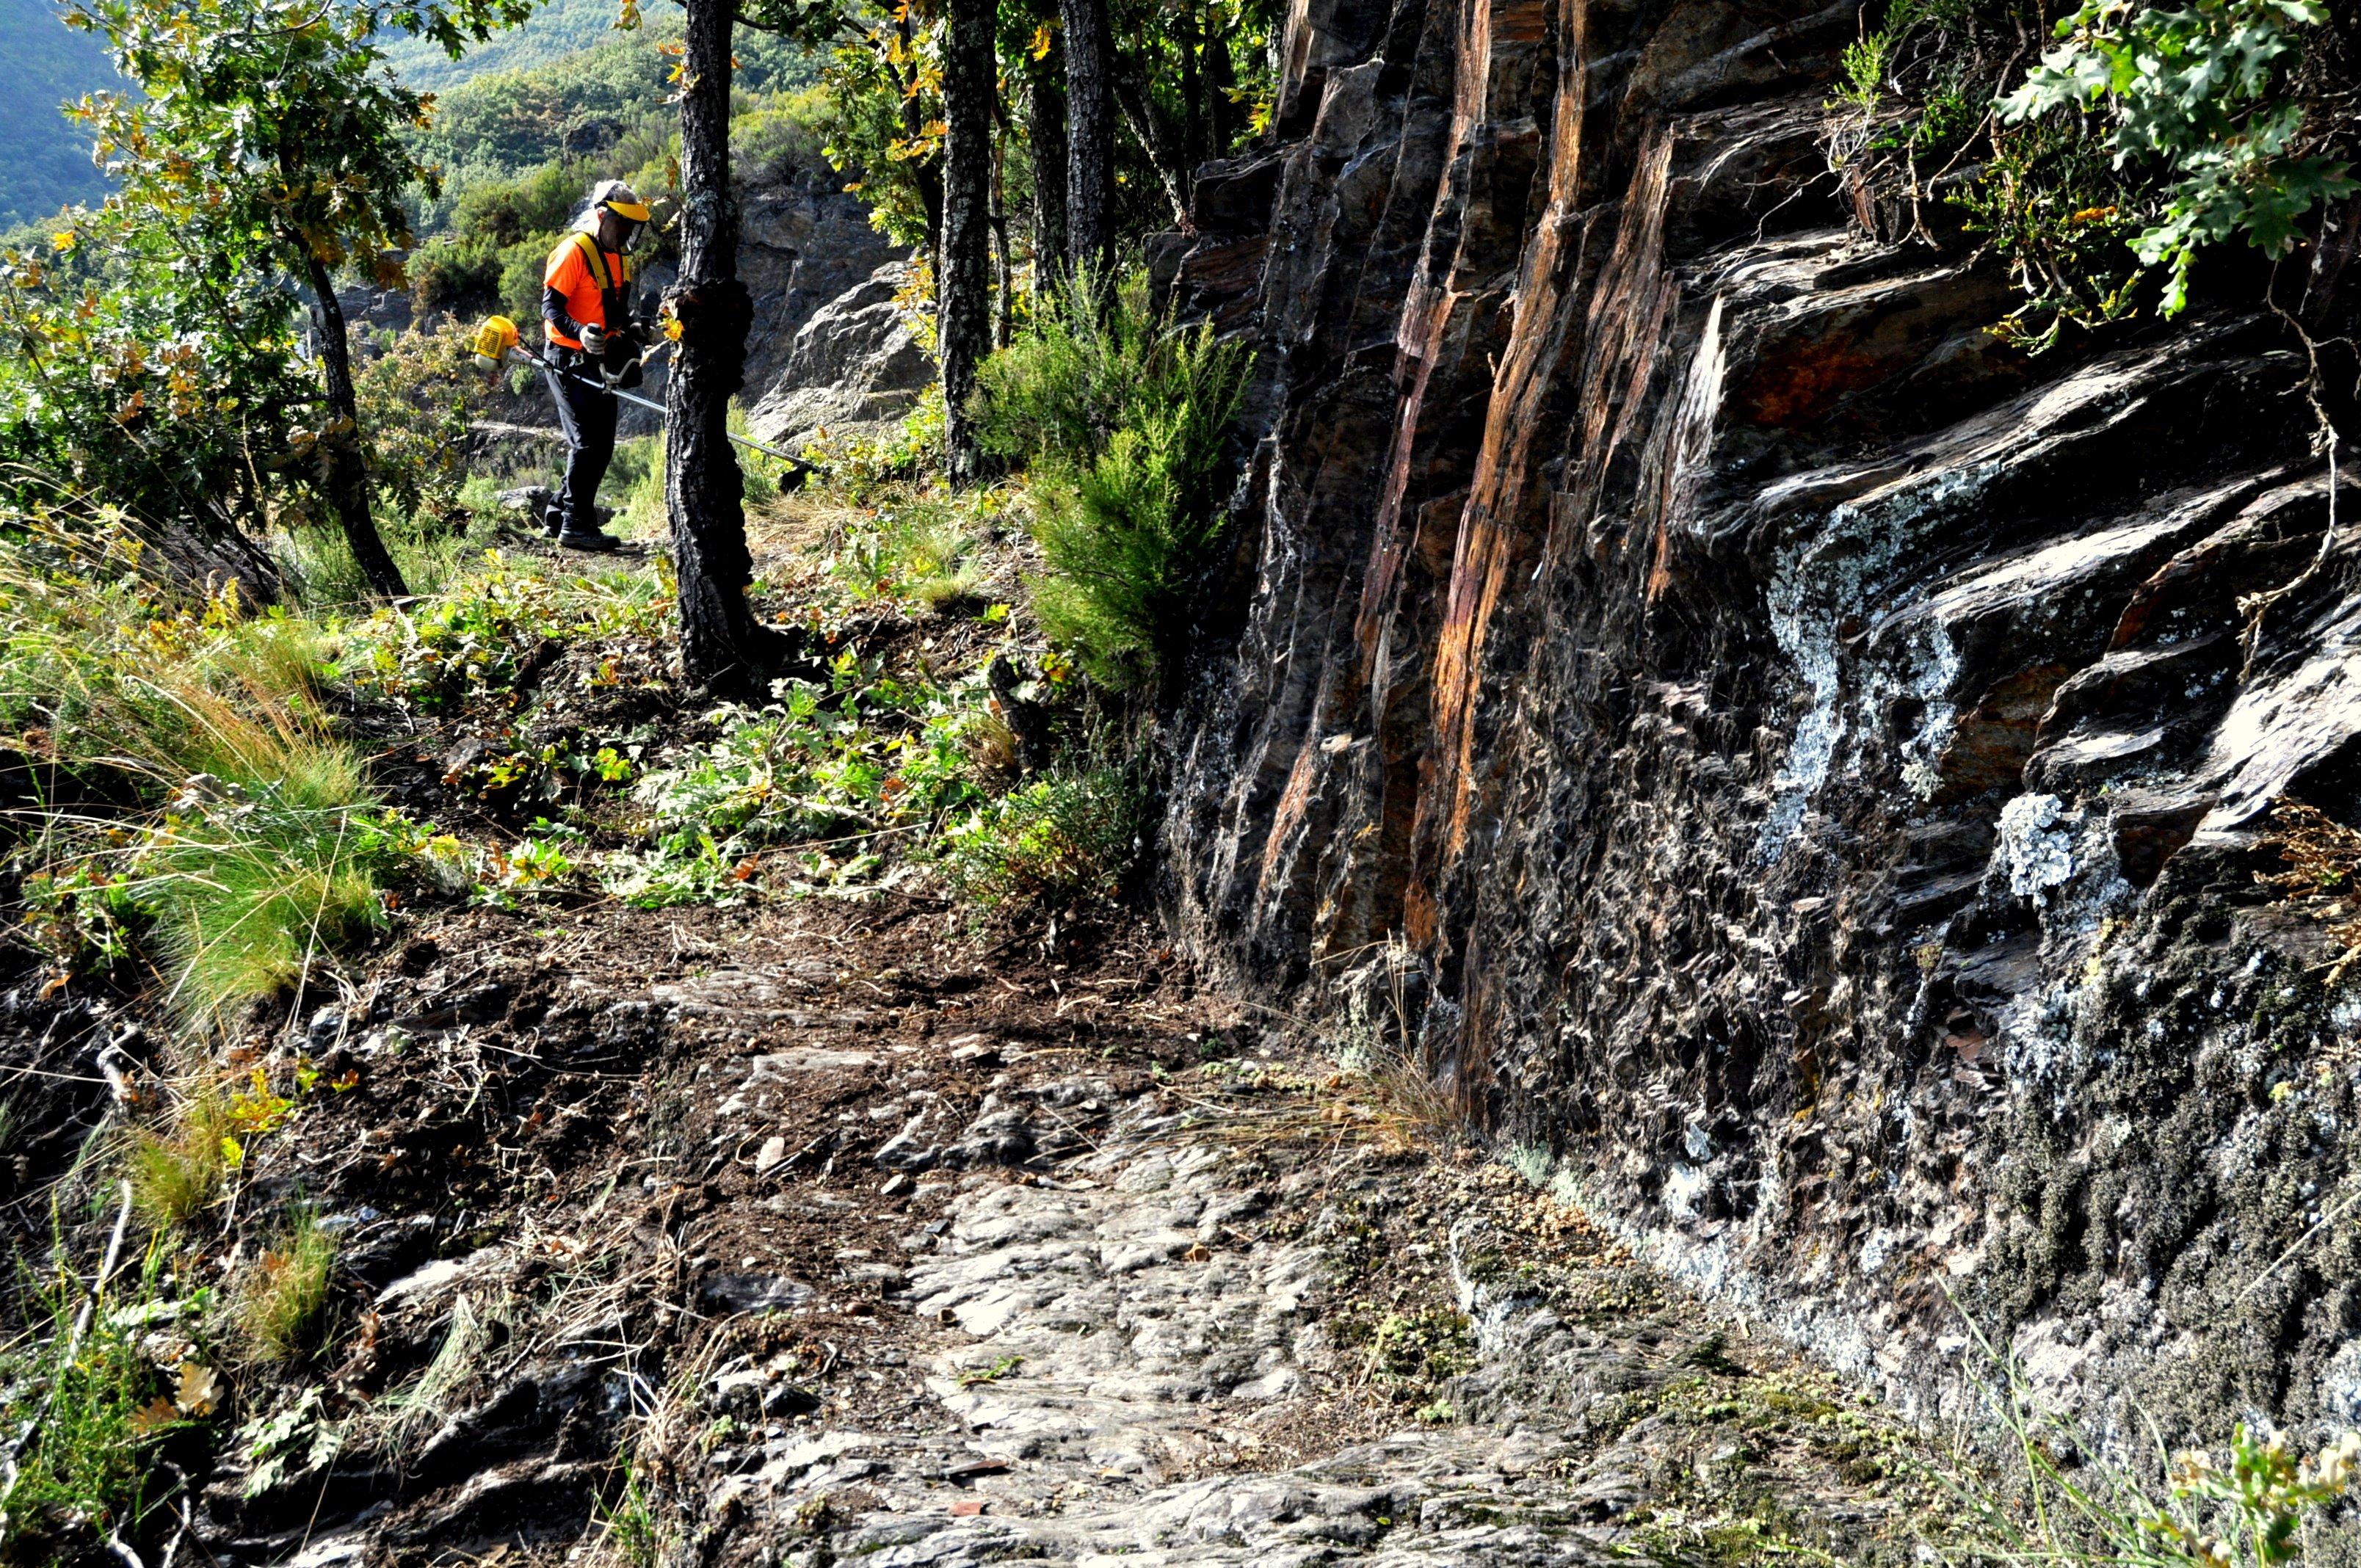 Canal en roca y en tierra.